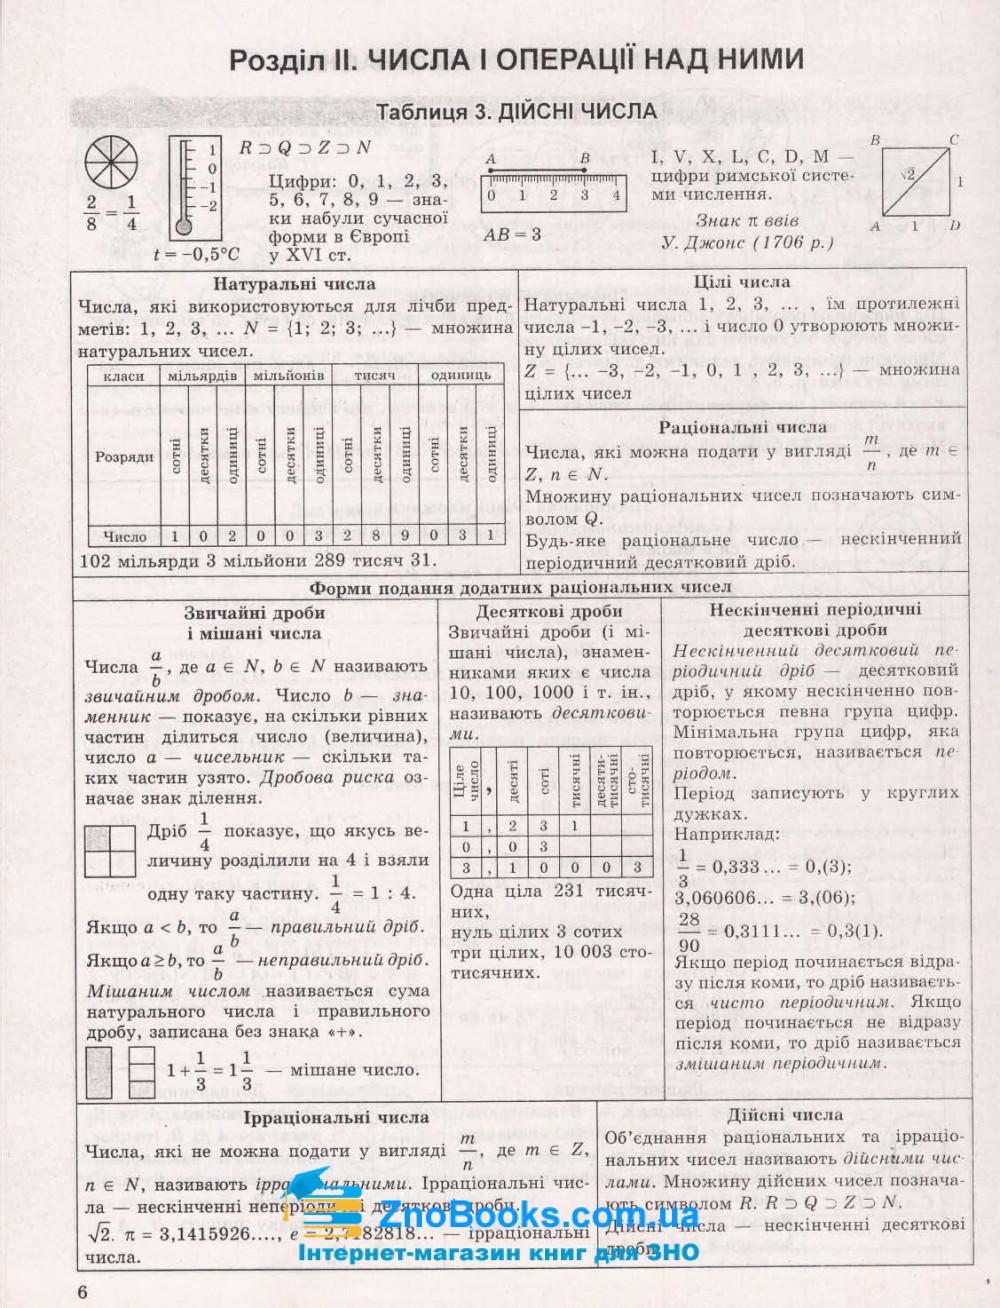 Алгебра. Таблиці та схеми : Роганін О. Торсінг. купити 10